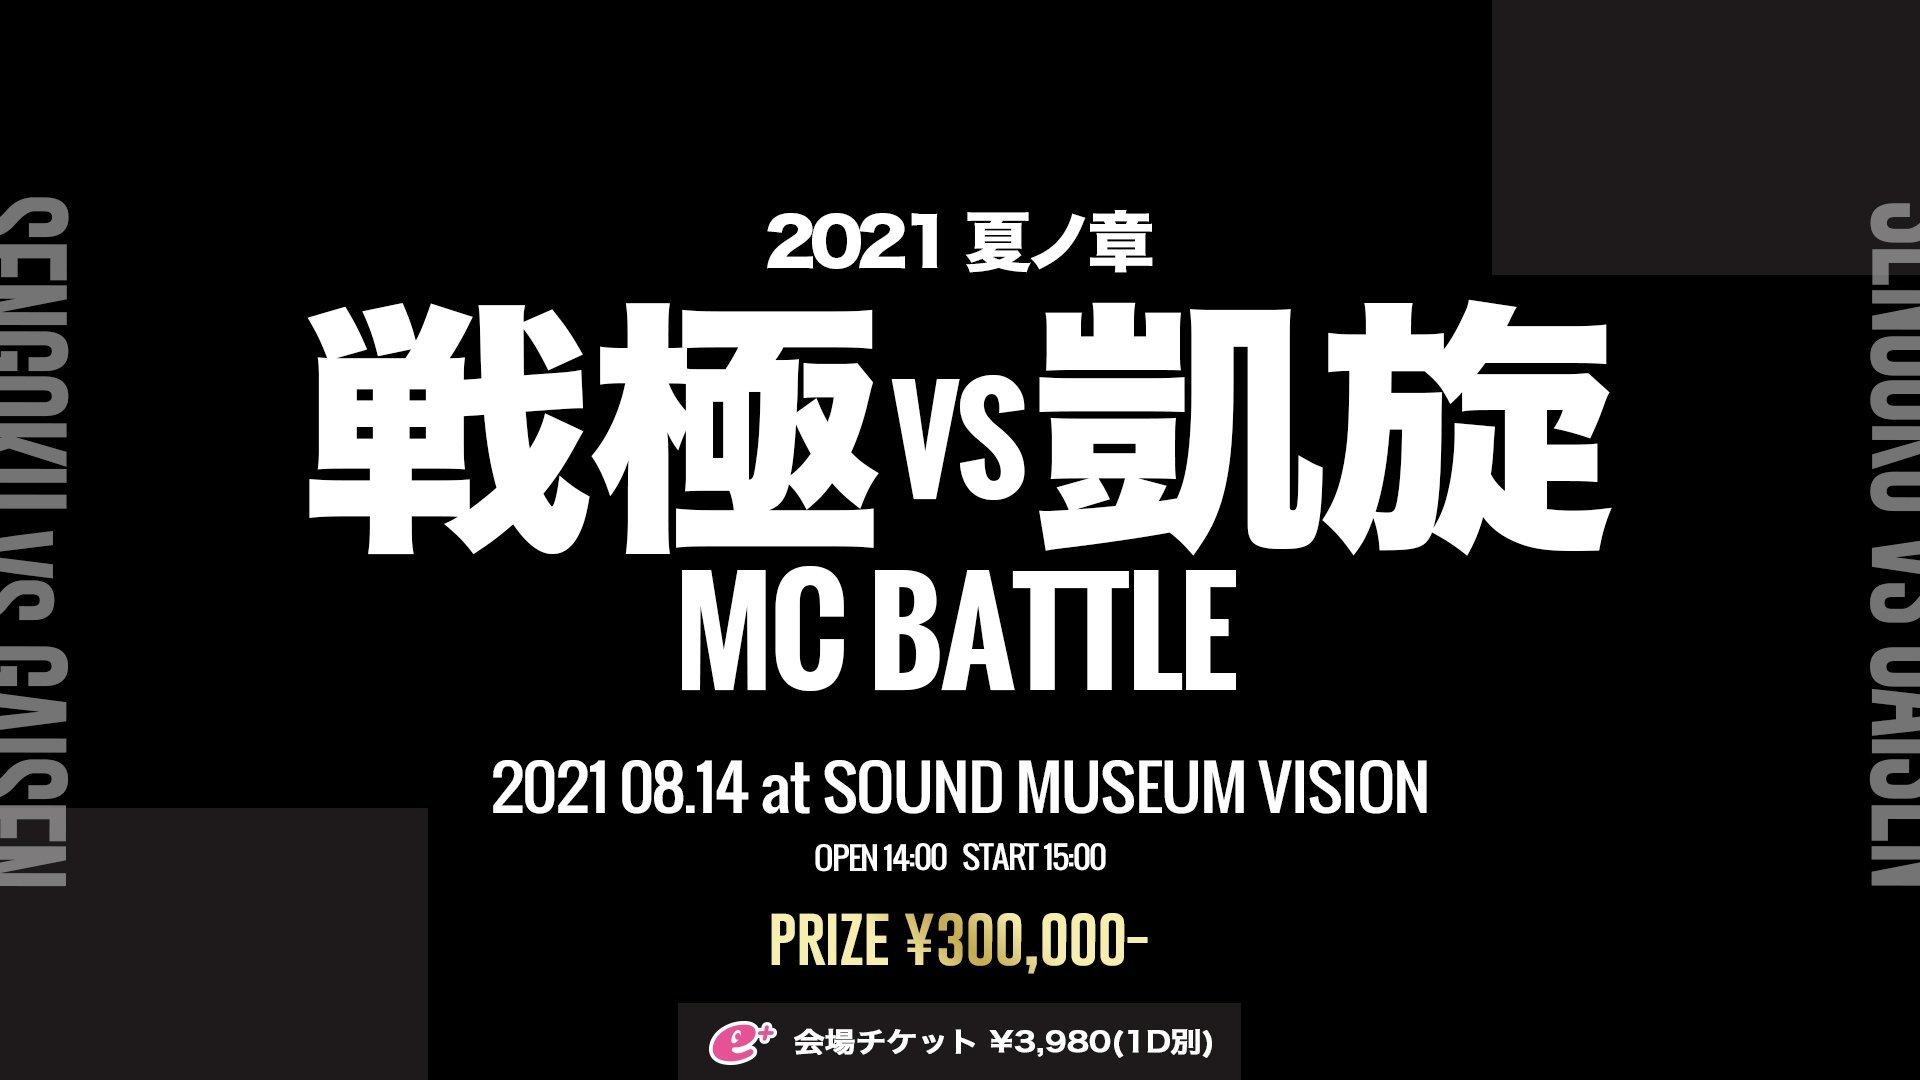 8/14 戦極vs凱旋 MCBATTLE チケット完売しました タイムテーブル発表!_e0246863_22092590.jpg